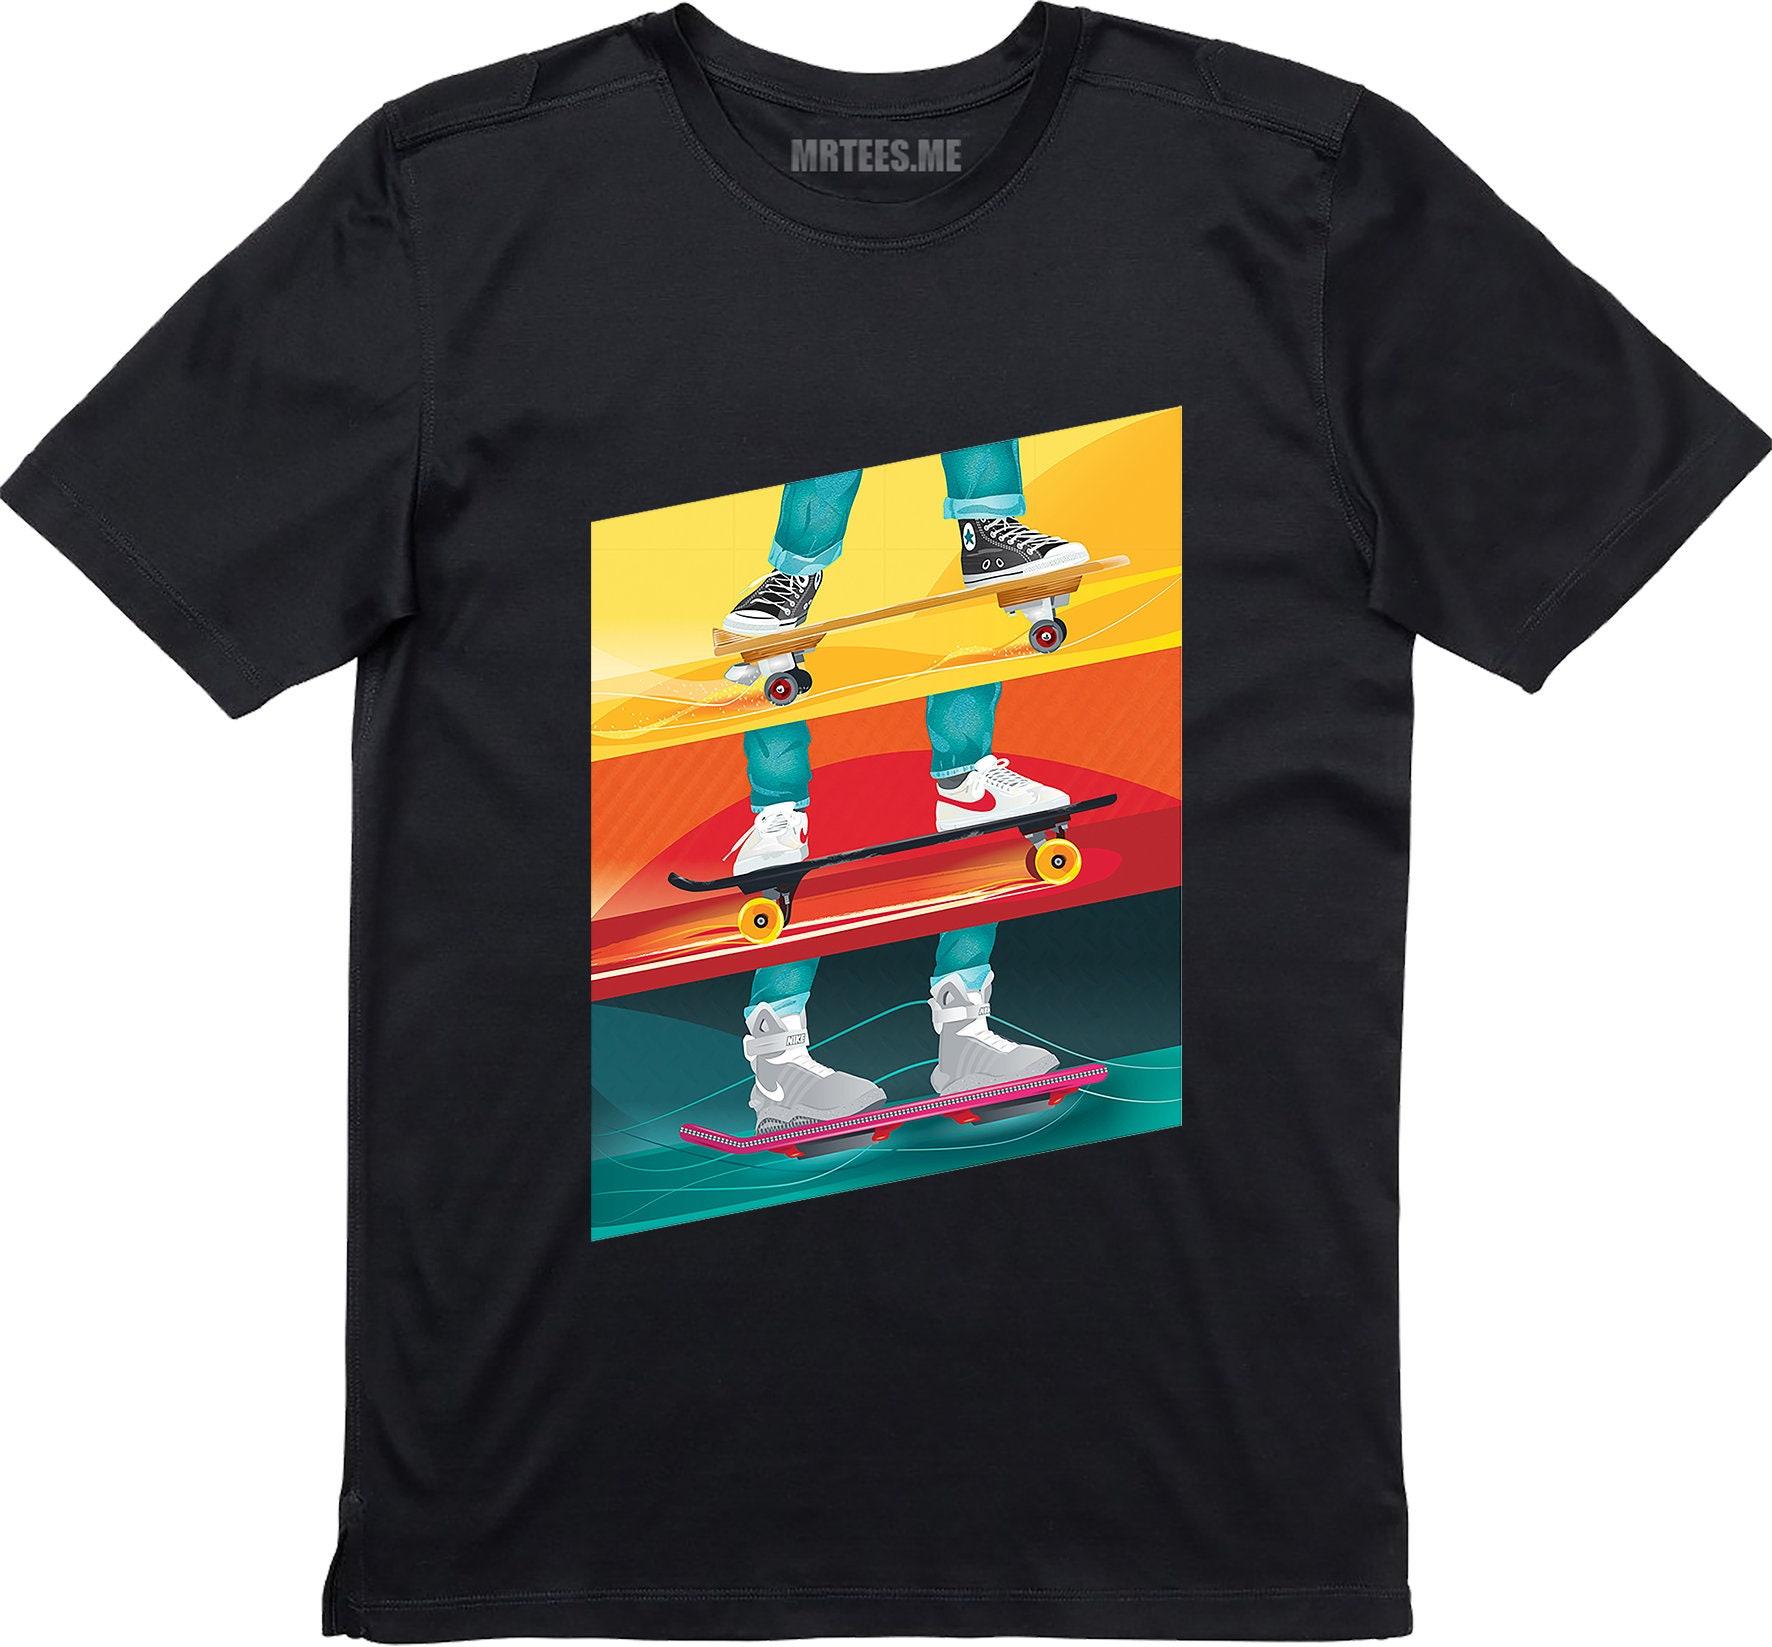 Hoverboard Skateboard BTTF Inspired T-shirt for Men or Kids